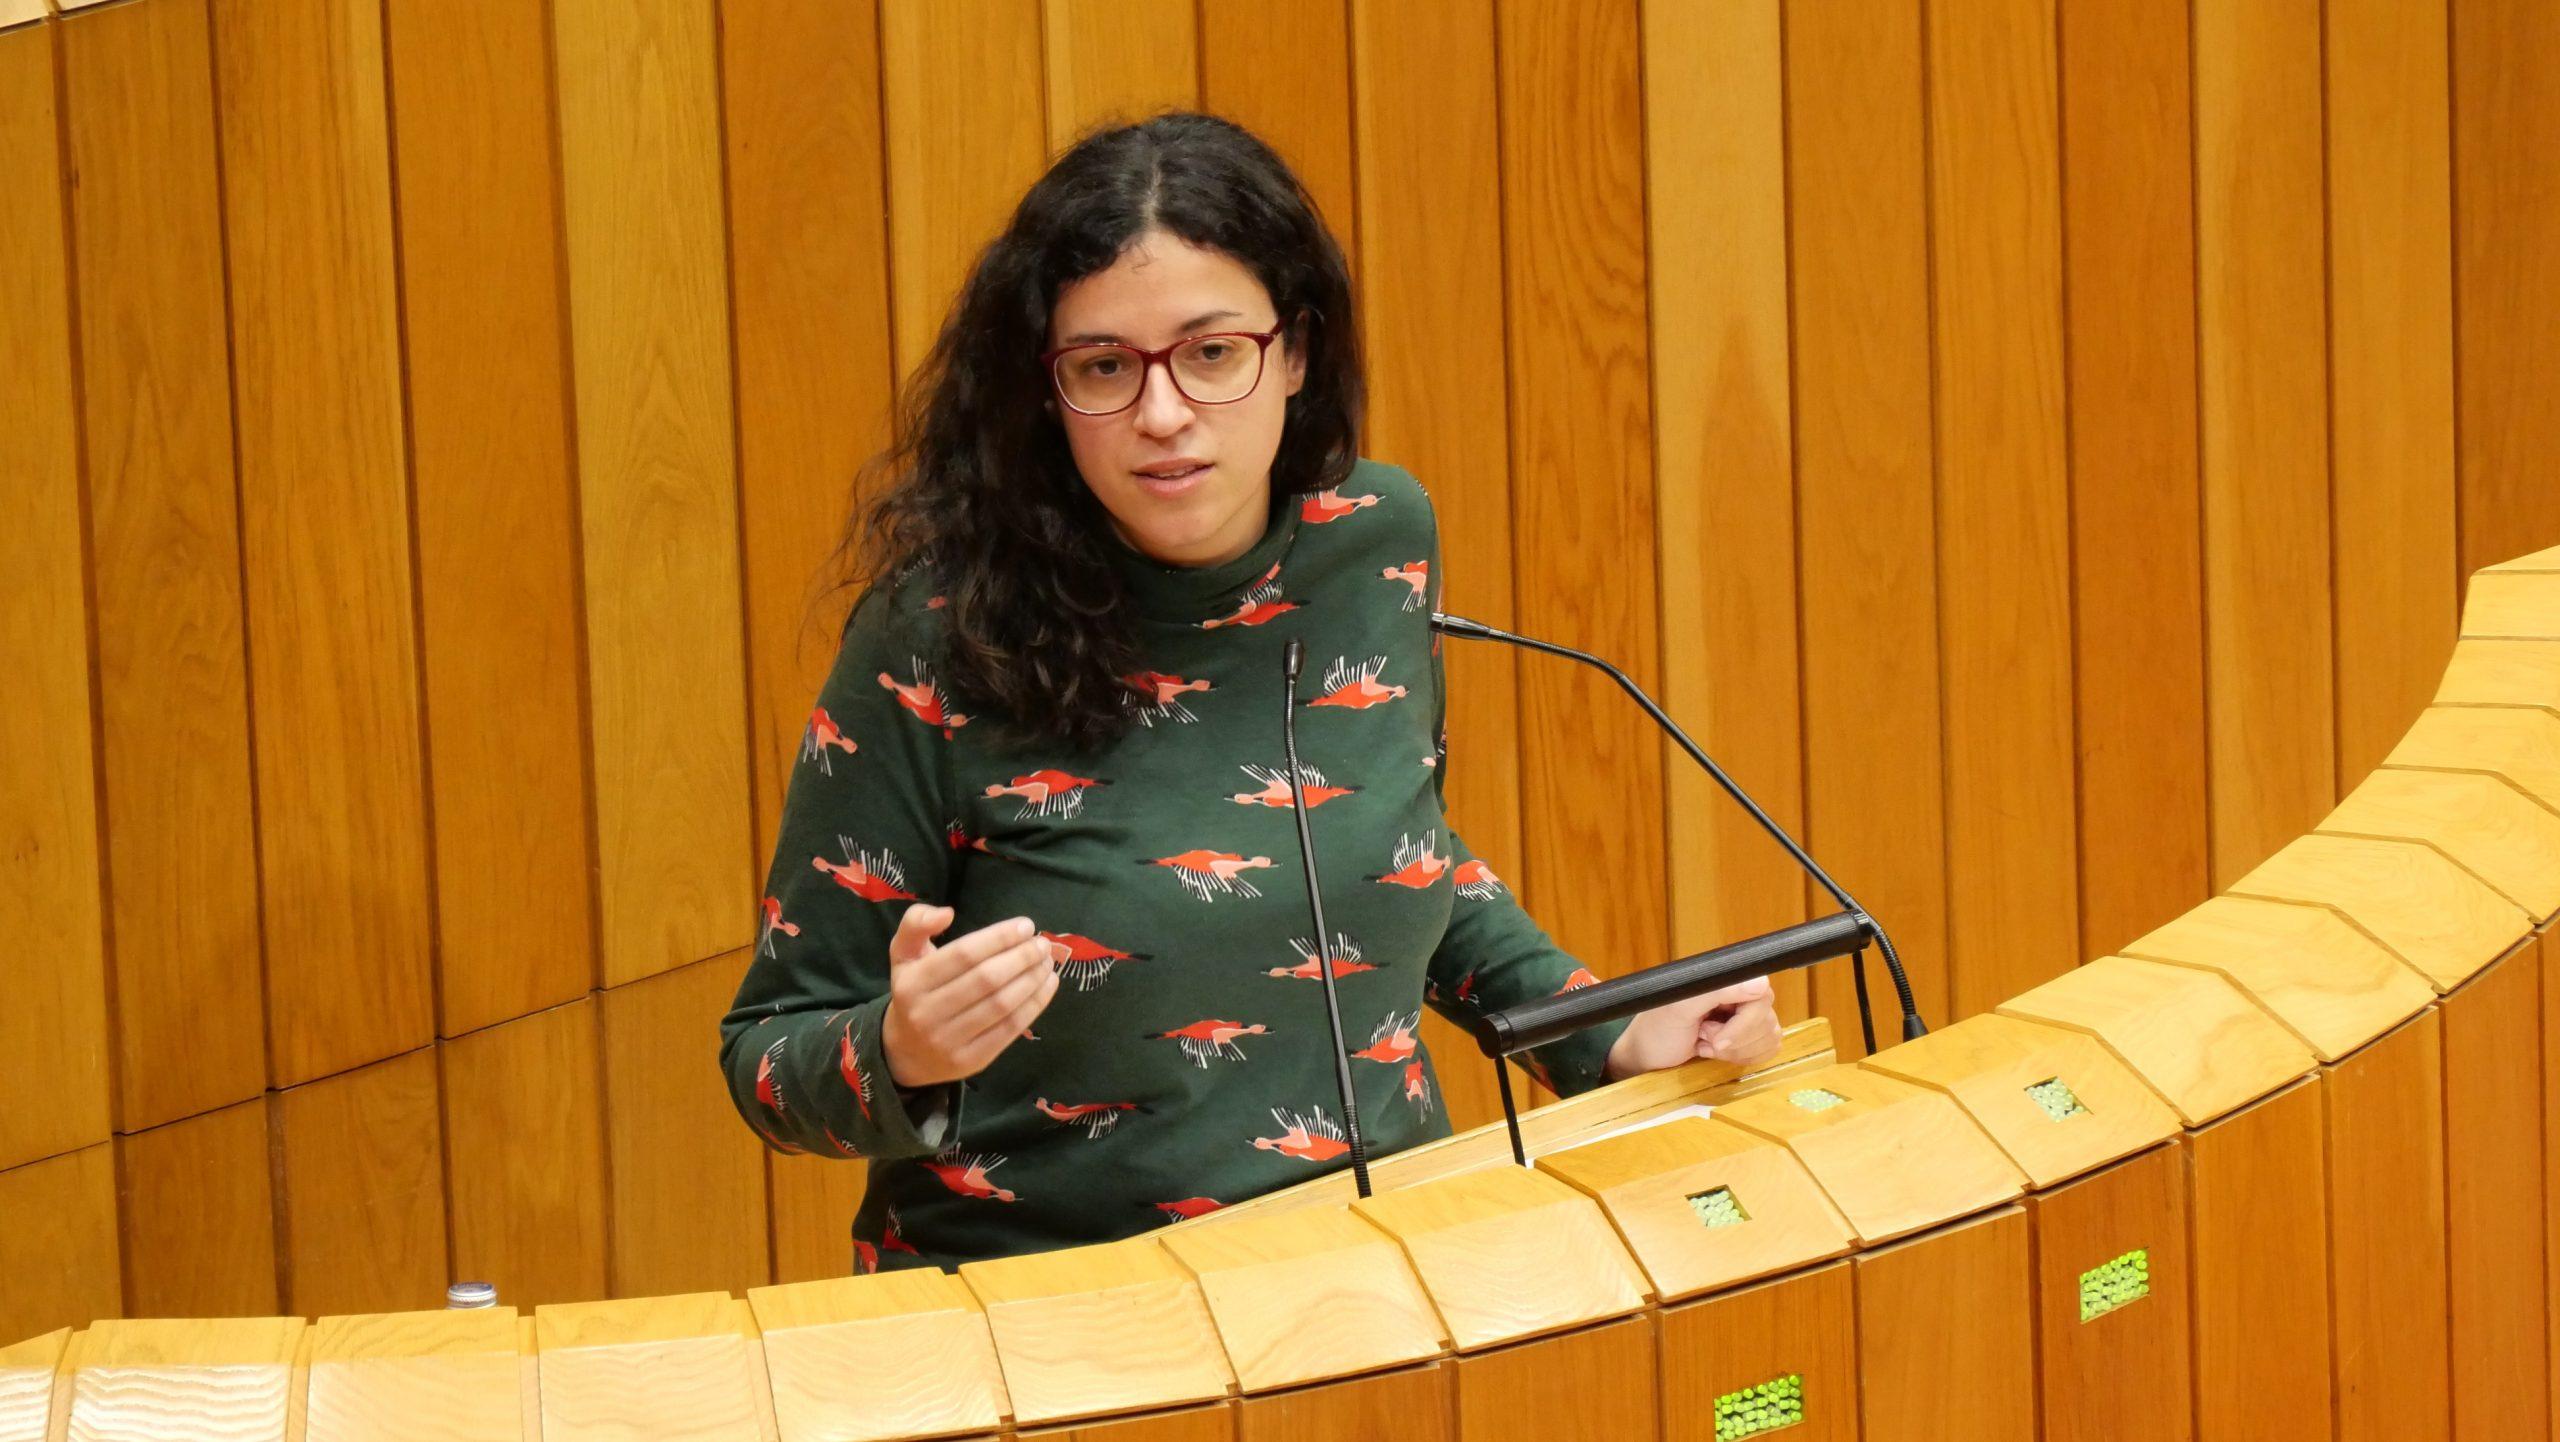 """Fronte ao modelo, """"depredador, antisocial e colonial"""" do PP, o BNG propón un modelo eólico que protexa o territorio, o medio ambiente e os intereses de Galiza"""